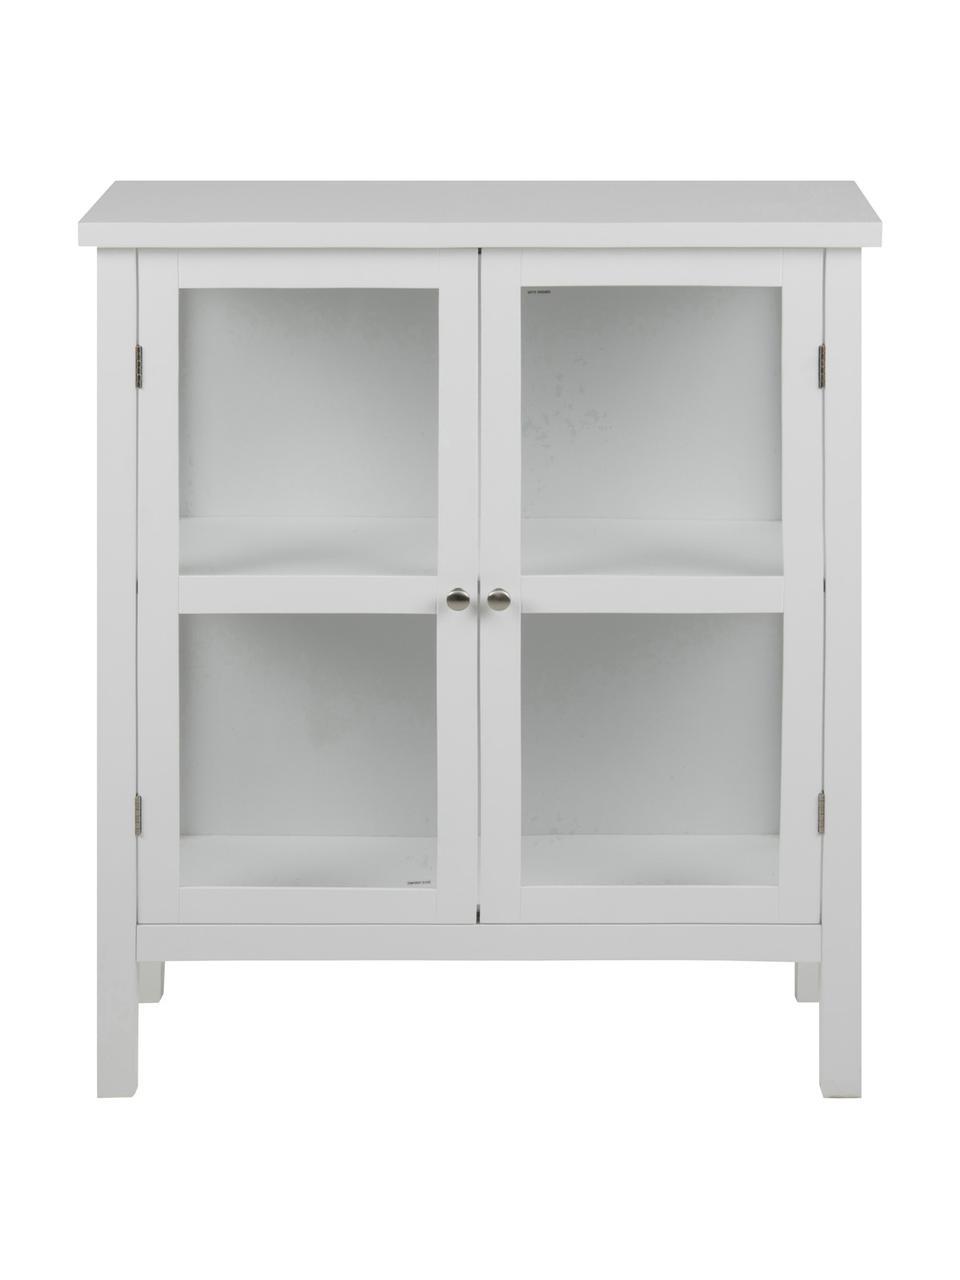 Glasvitrine Eton mit Holzrahmen, Gestell: Mitteldichte Holzfaserpla, Weiß, 80 x 100 cm